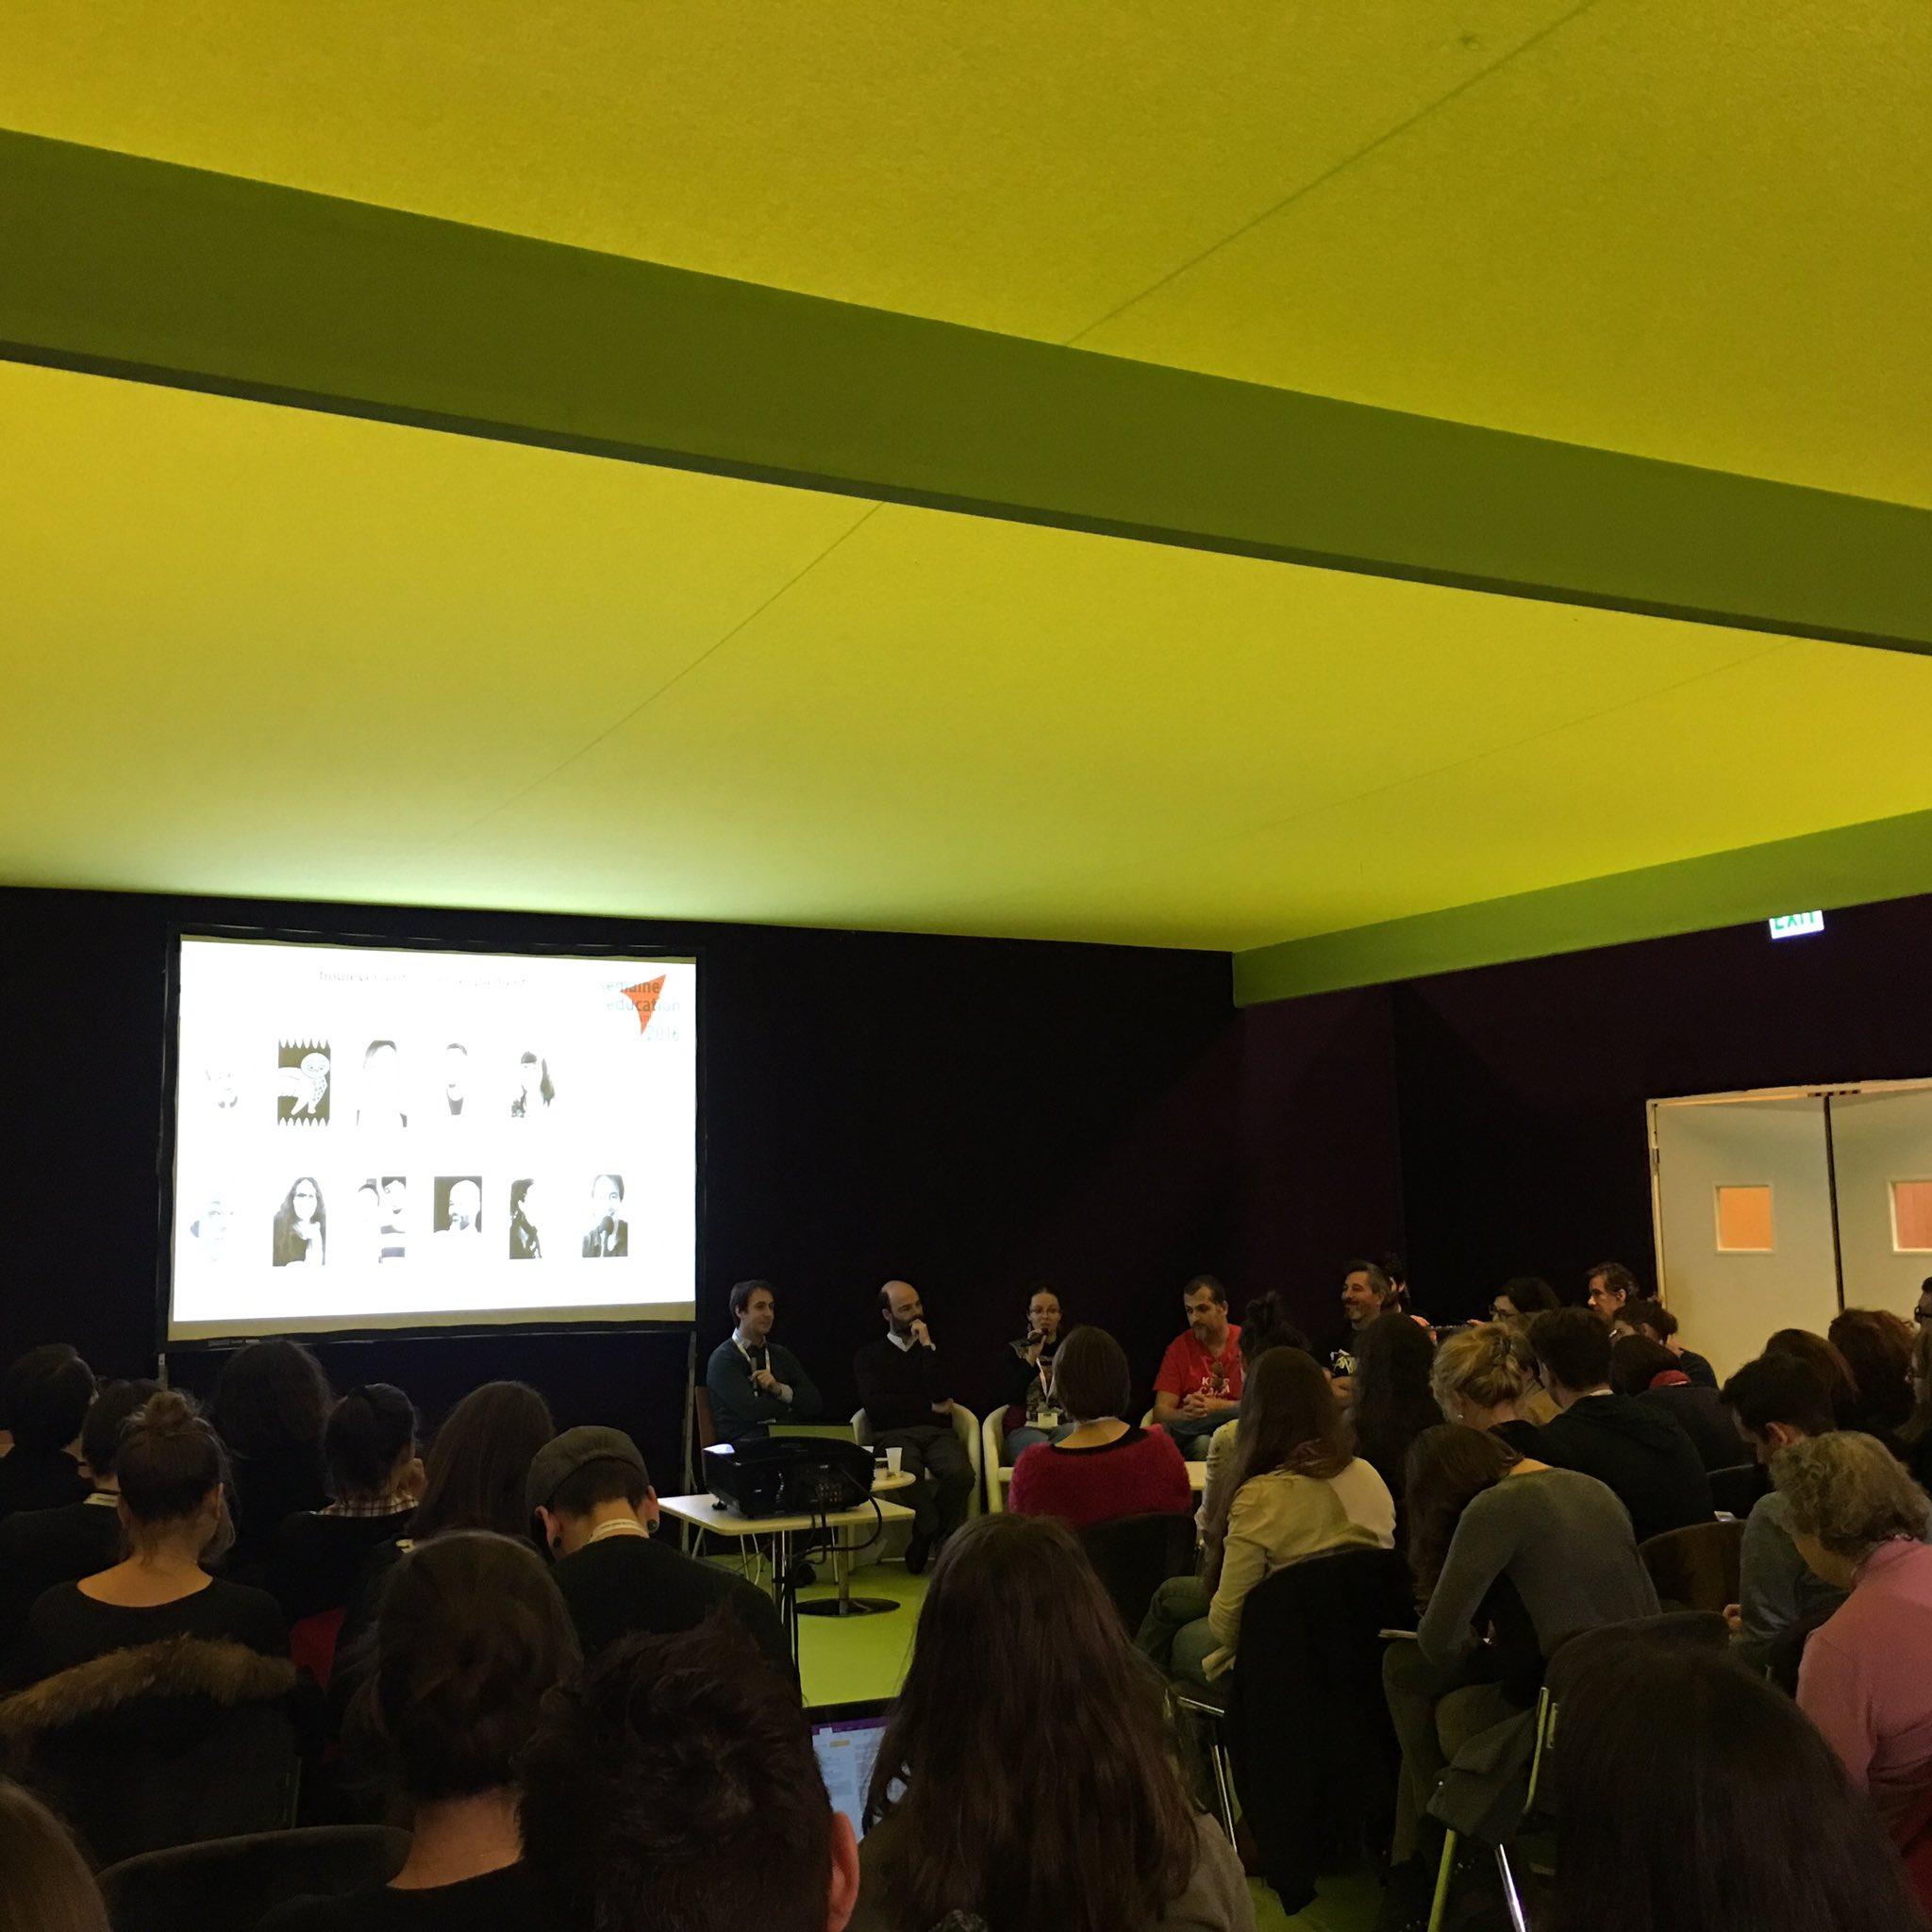 Motivations des YouTubeurs présents toutes différentes mais public toujours au rendez-vous #educatectice #ParisEdWeek @weblaligue https://t.co/BNi452G0XY